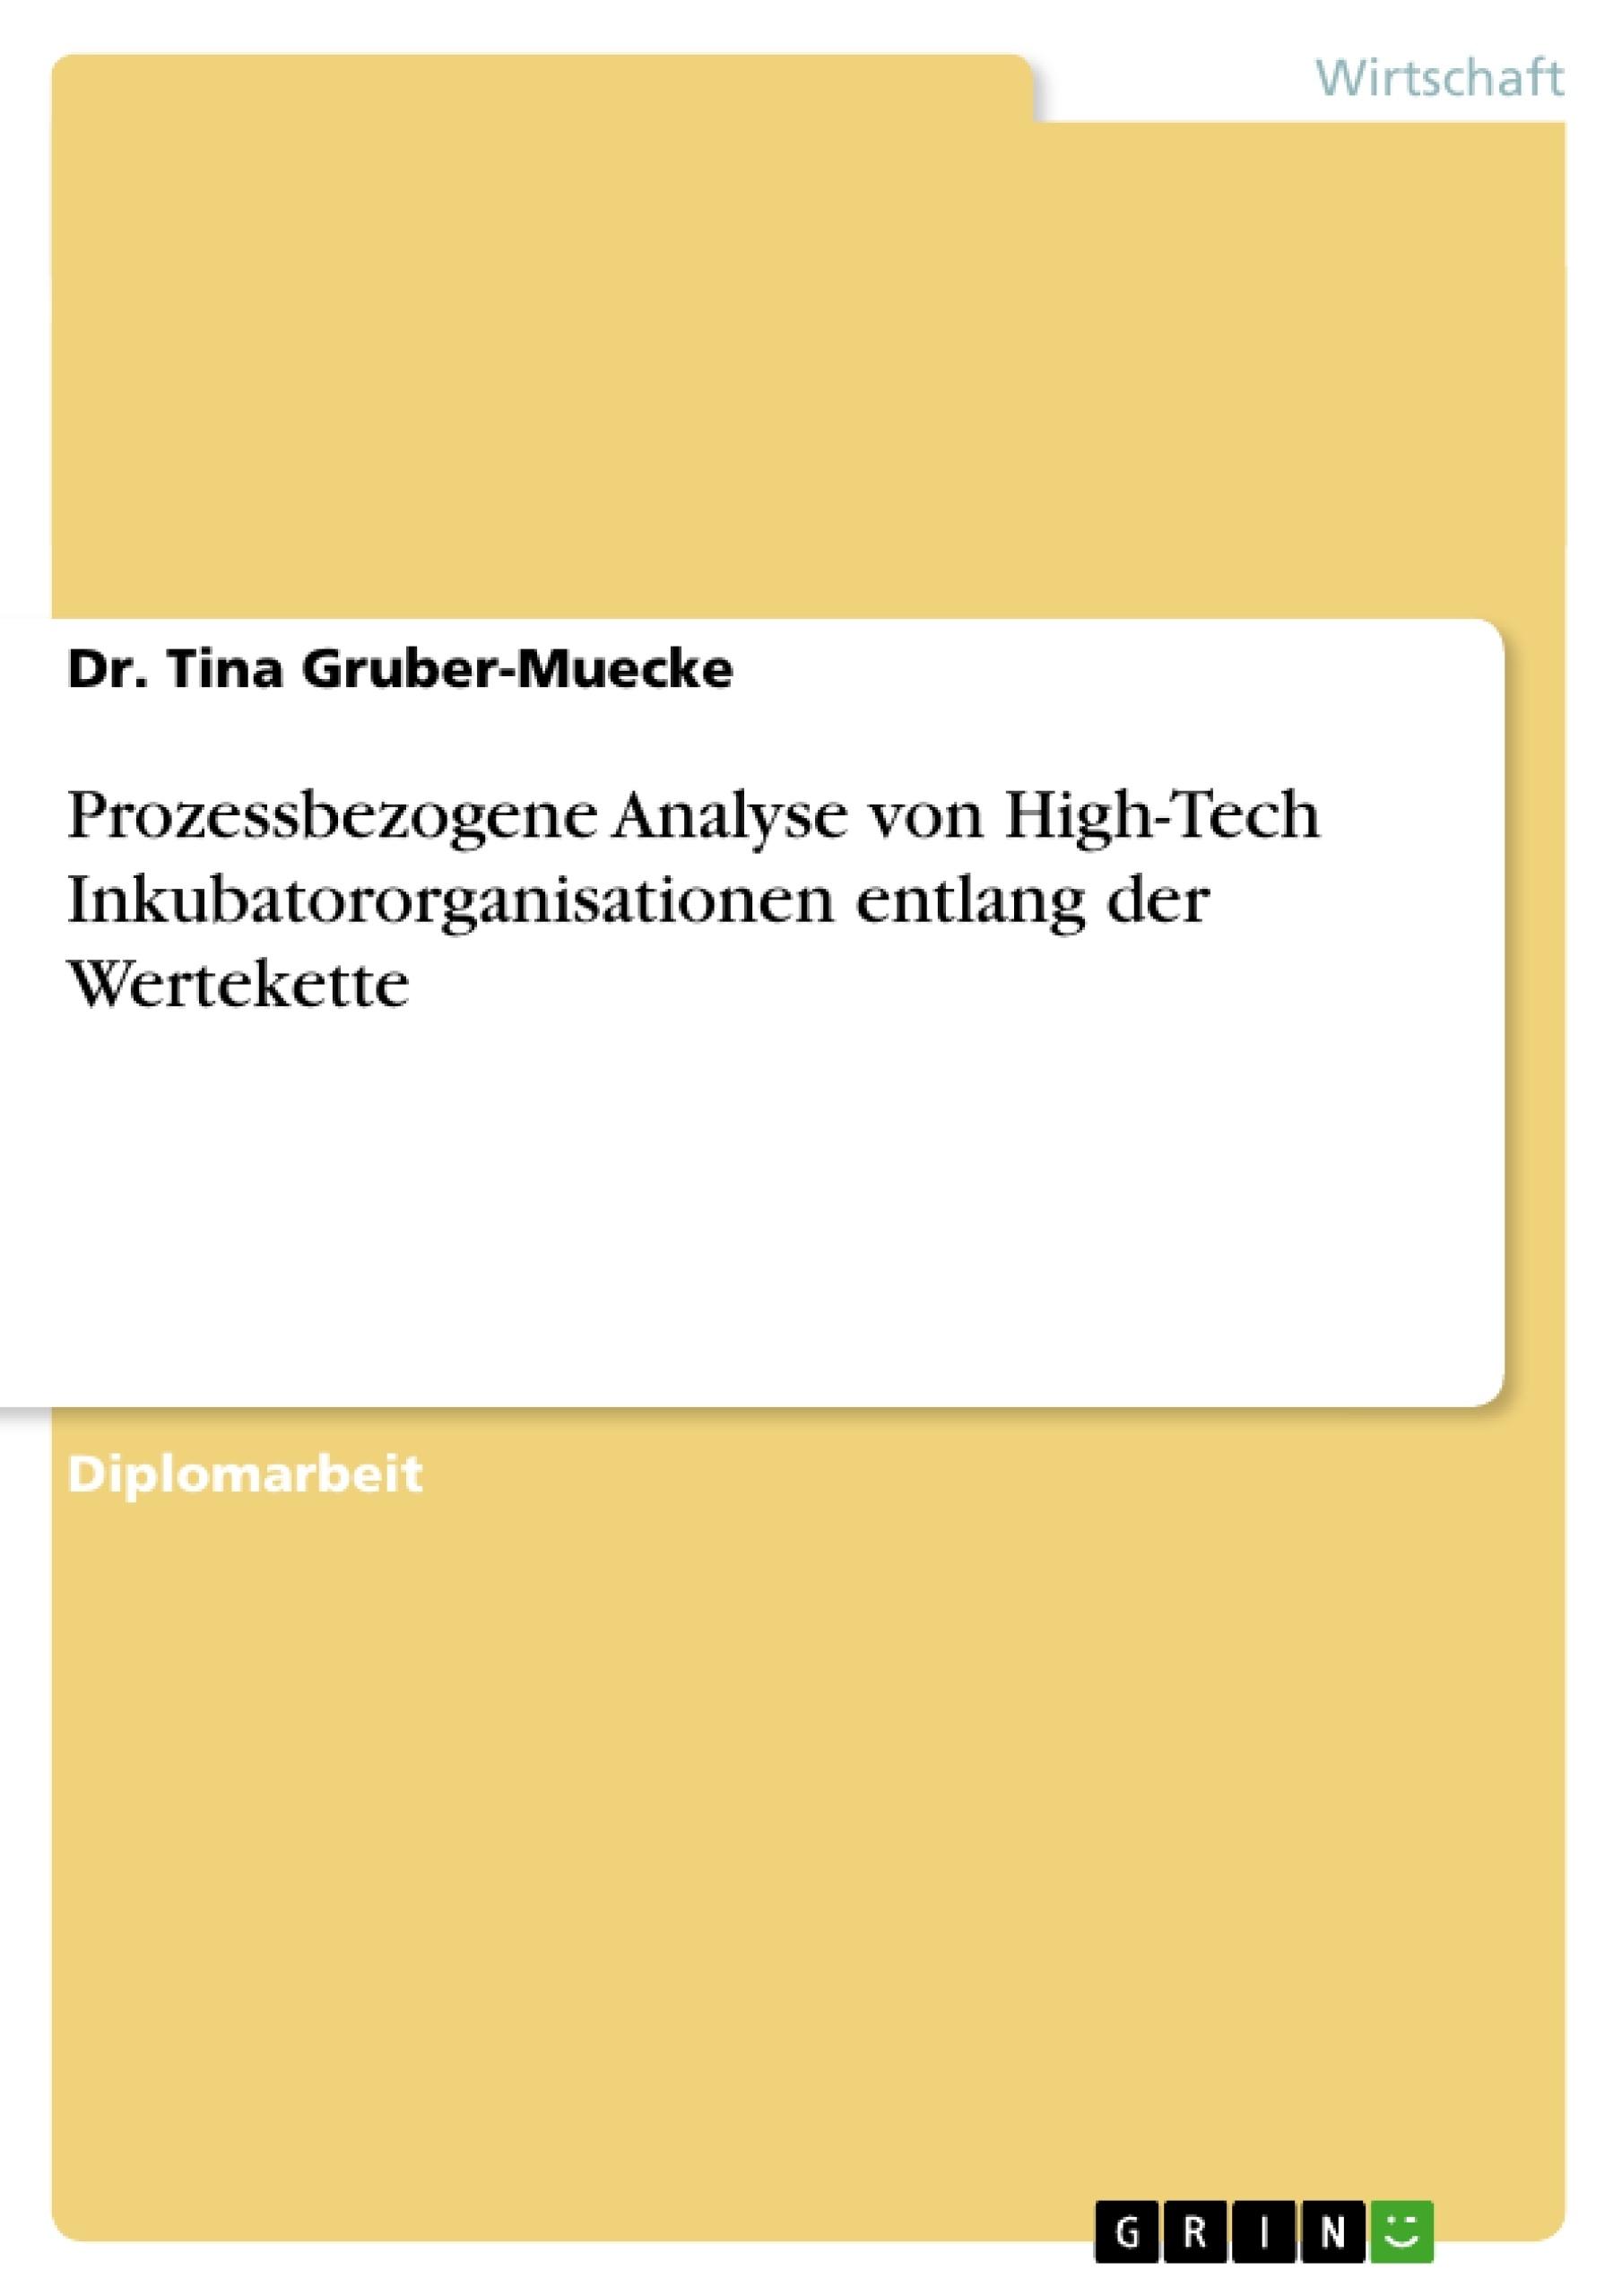 Titel: Prozessbezogene Analyse von High-Tech Inkubatororganisationen entlang der Wertekette